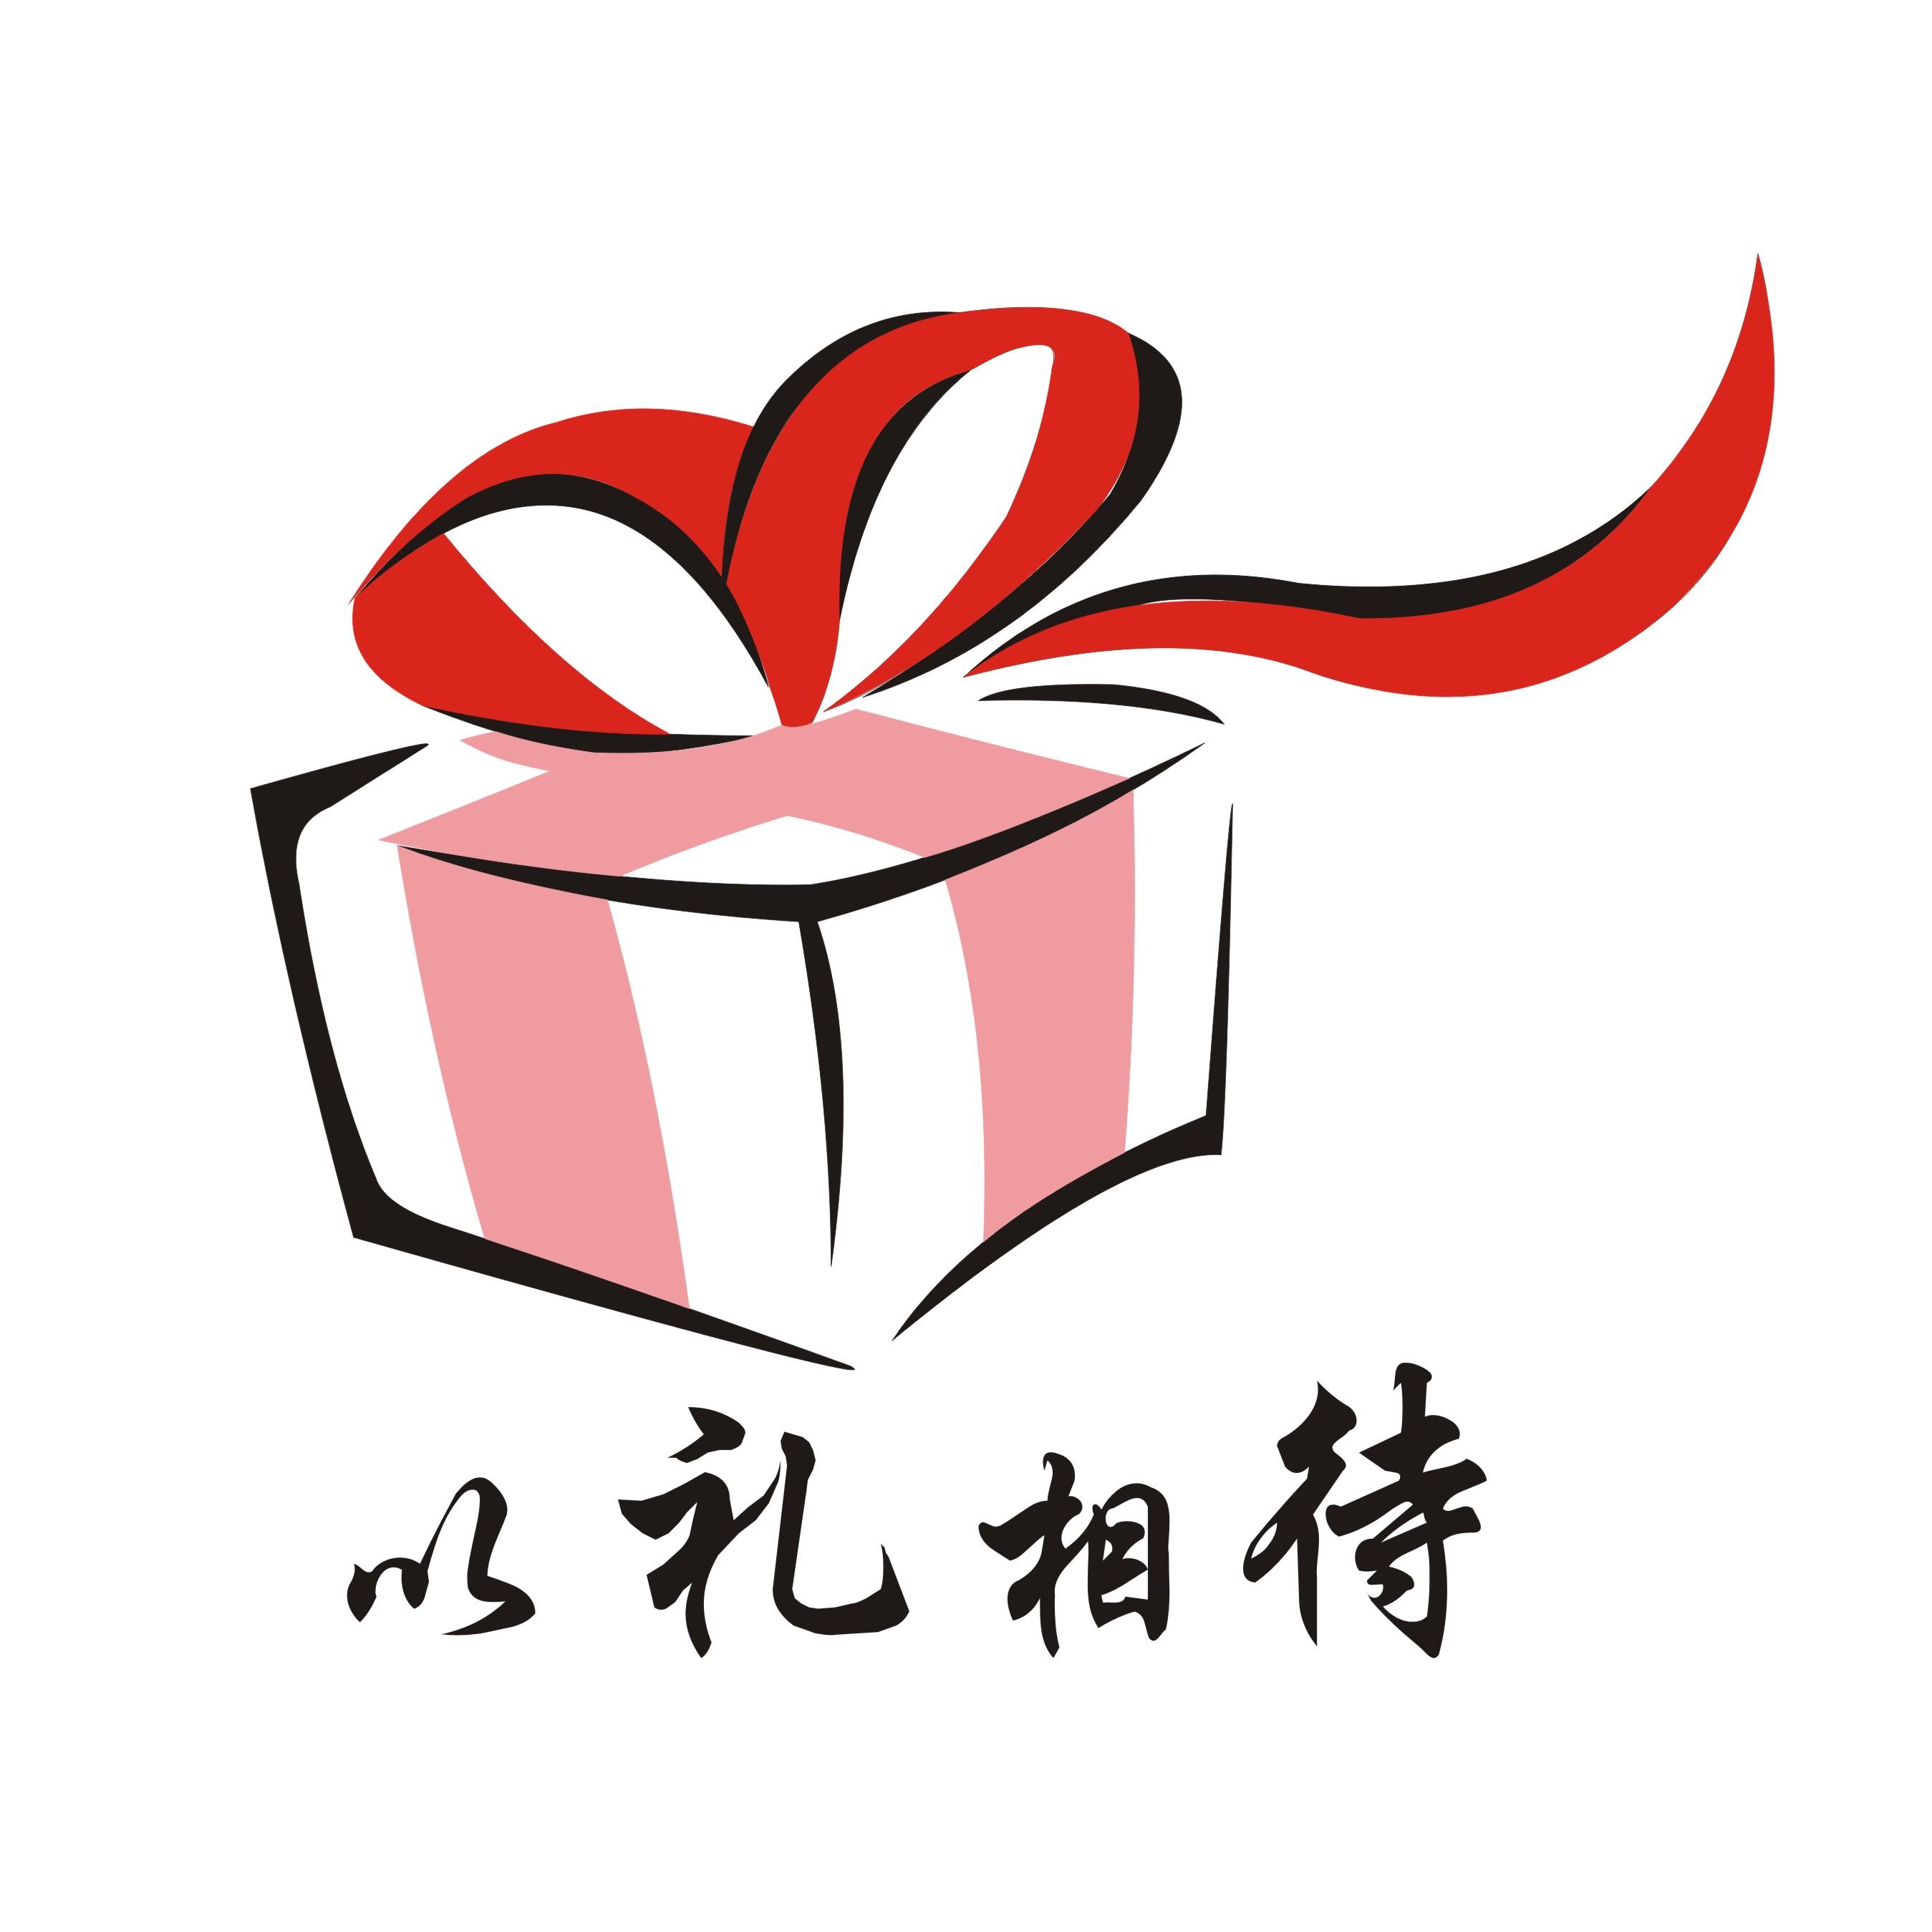 logo logo 标志 设计 矢量 矢量图 素材 图标 2698_2698